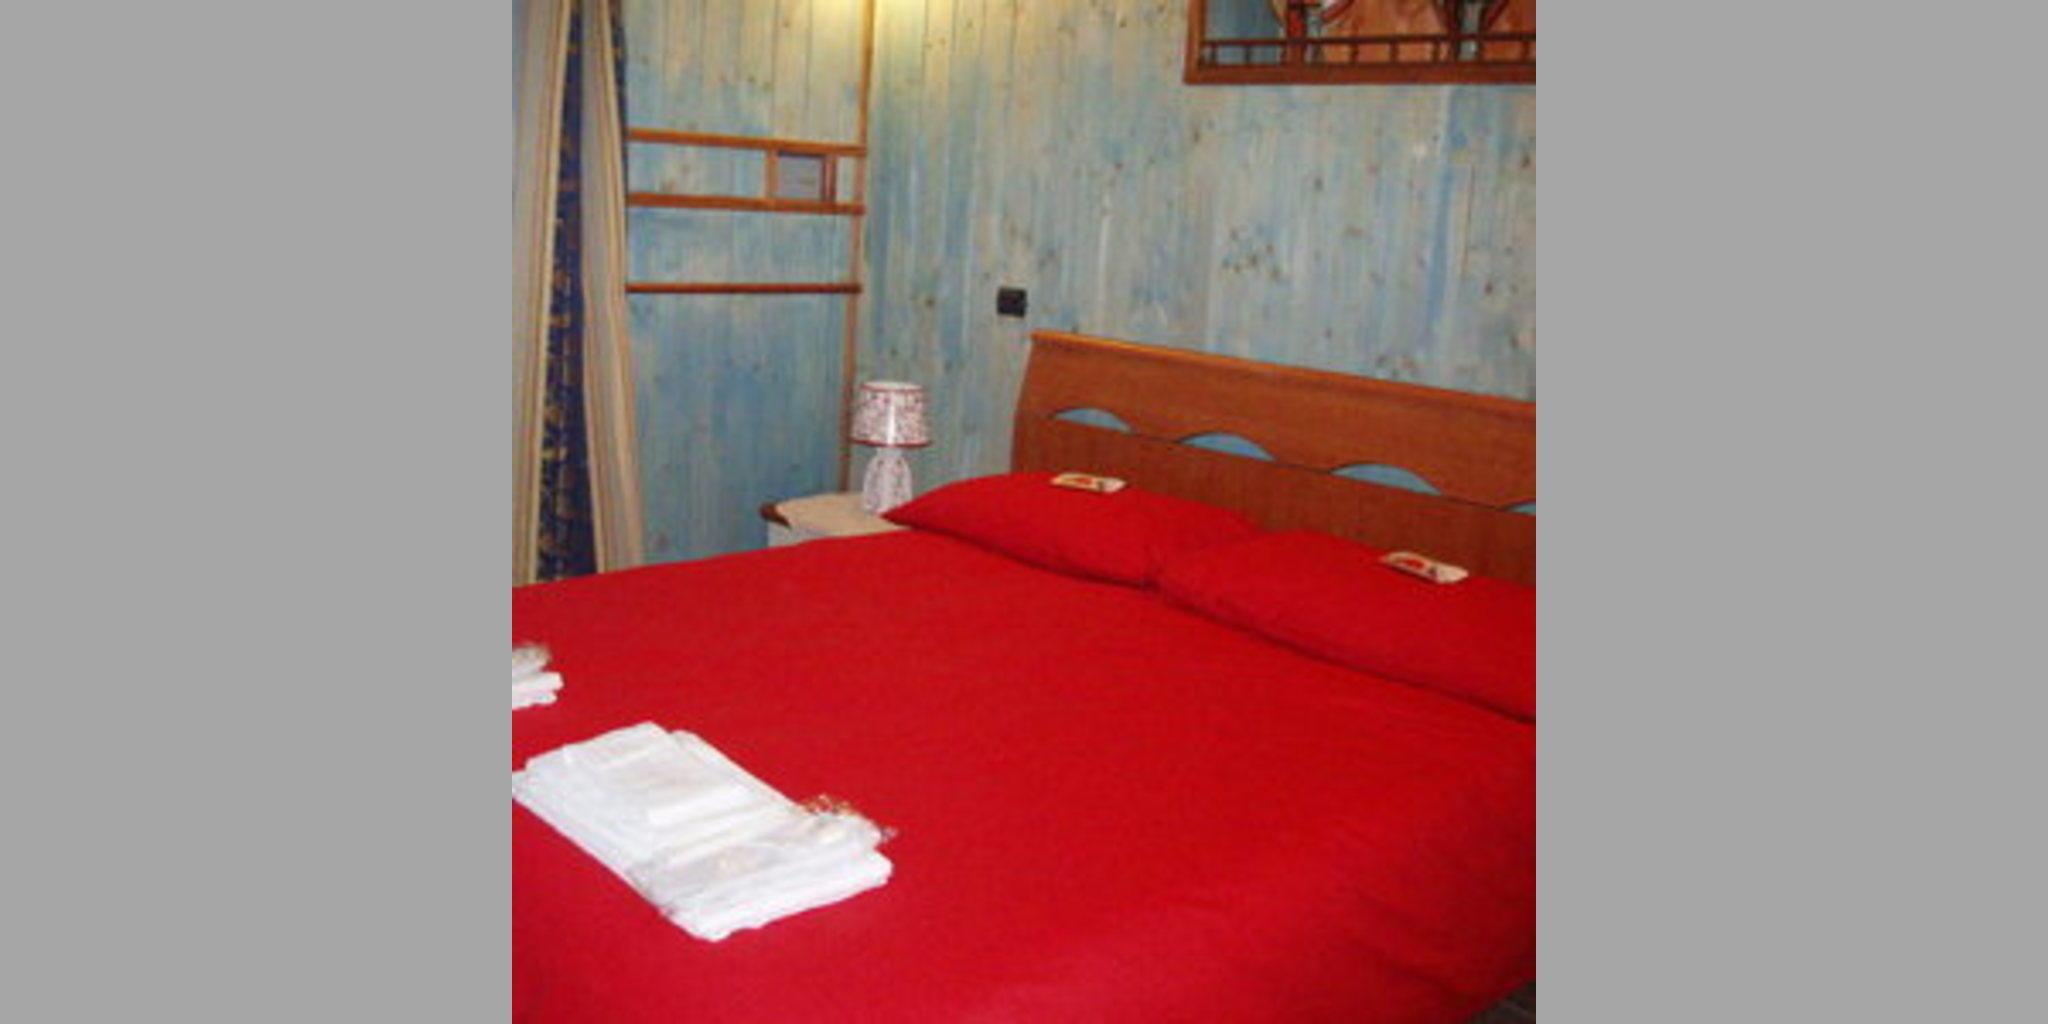 Bed & Breakfast Castel Giorgio - Castel Giorgio